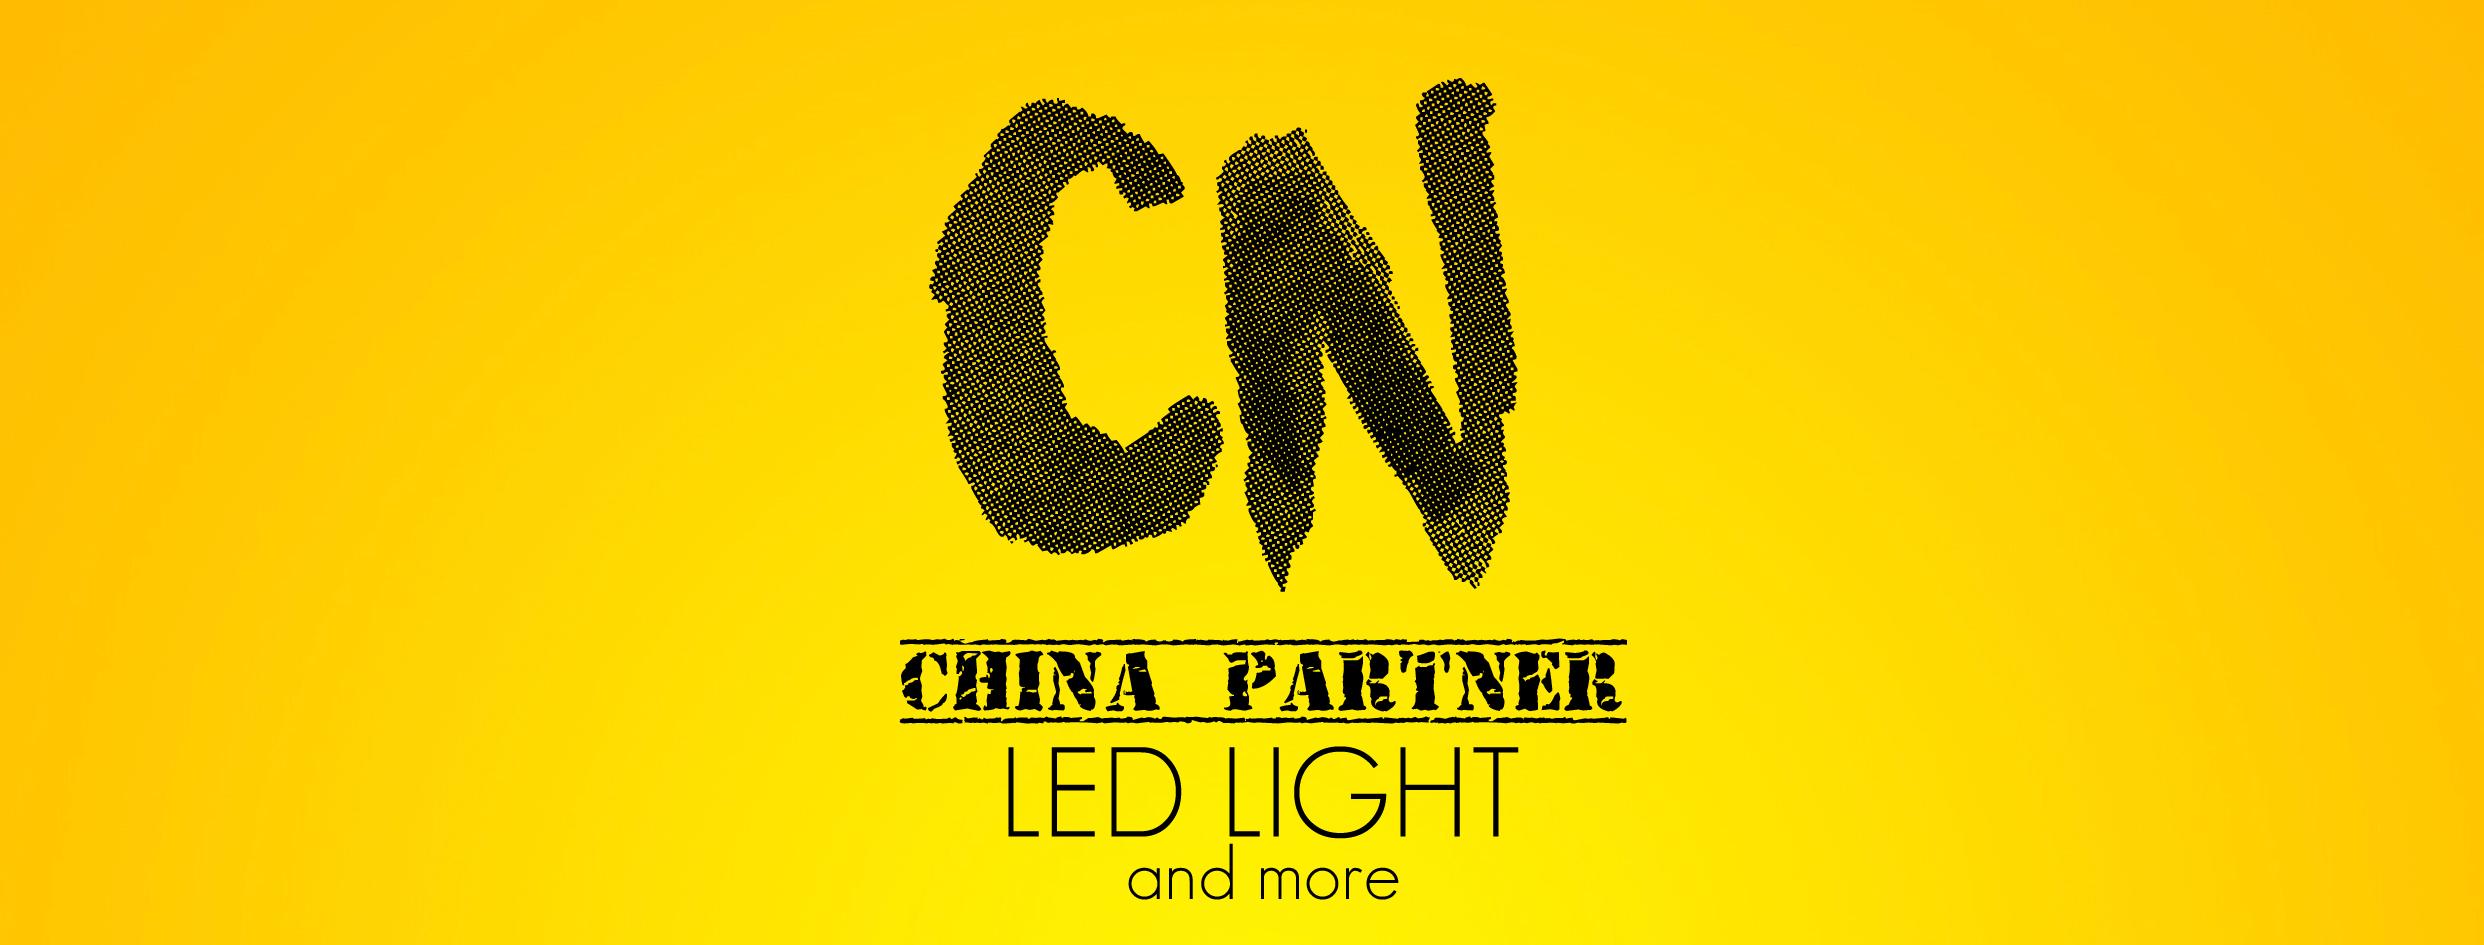 Du Plein JourBoutique Air Vendeur Lumière Chinois De Sports SqzVjLpUGM